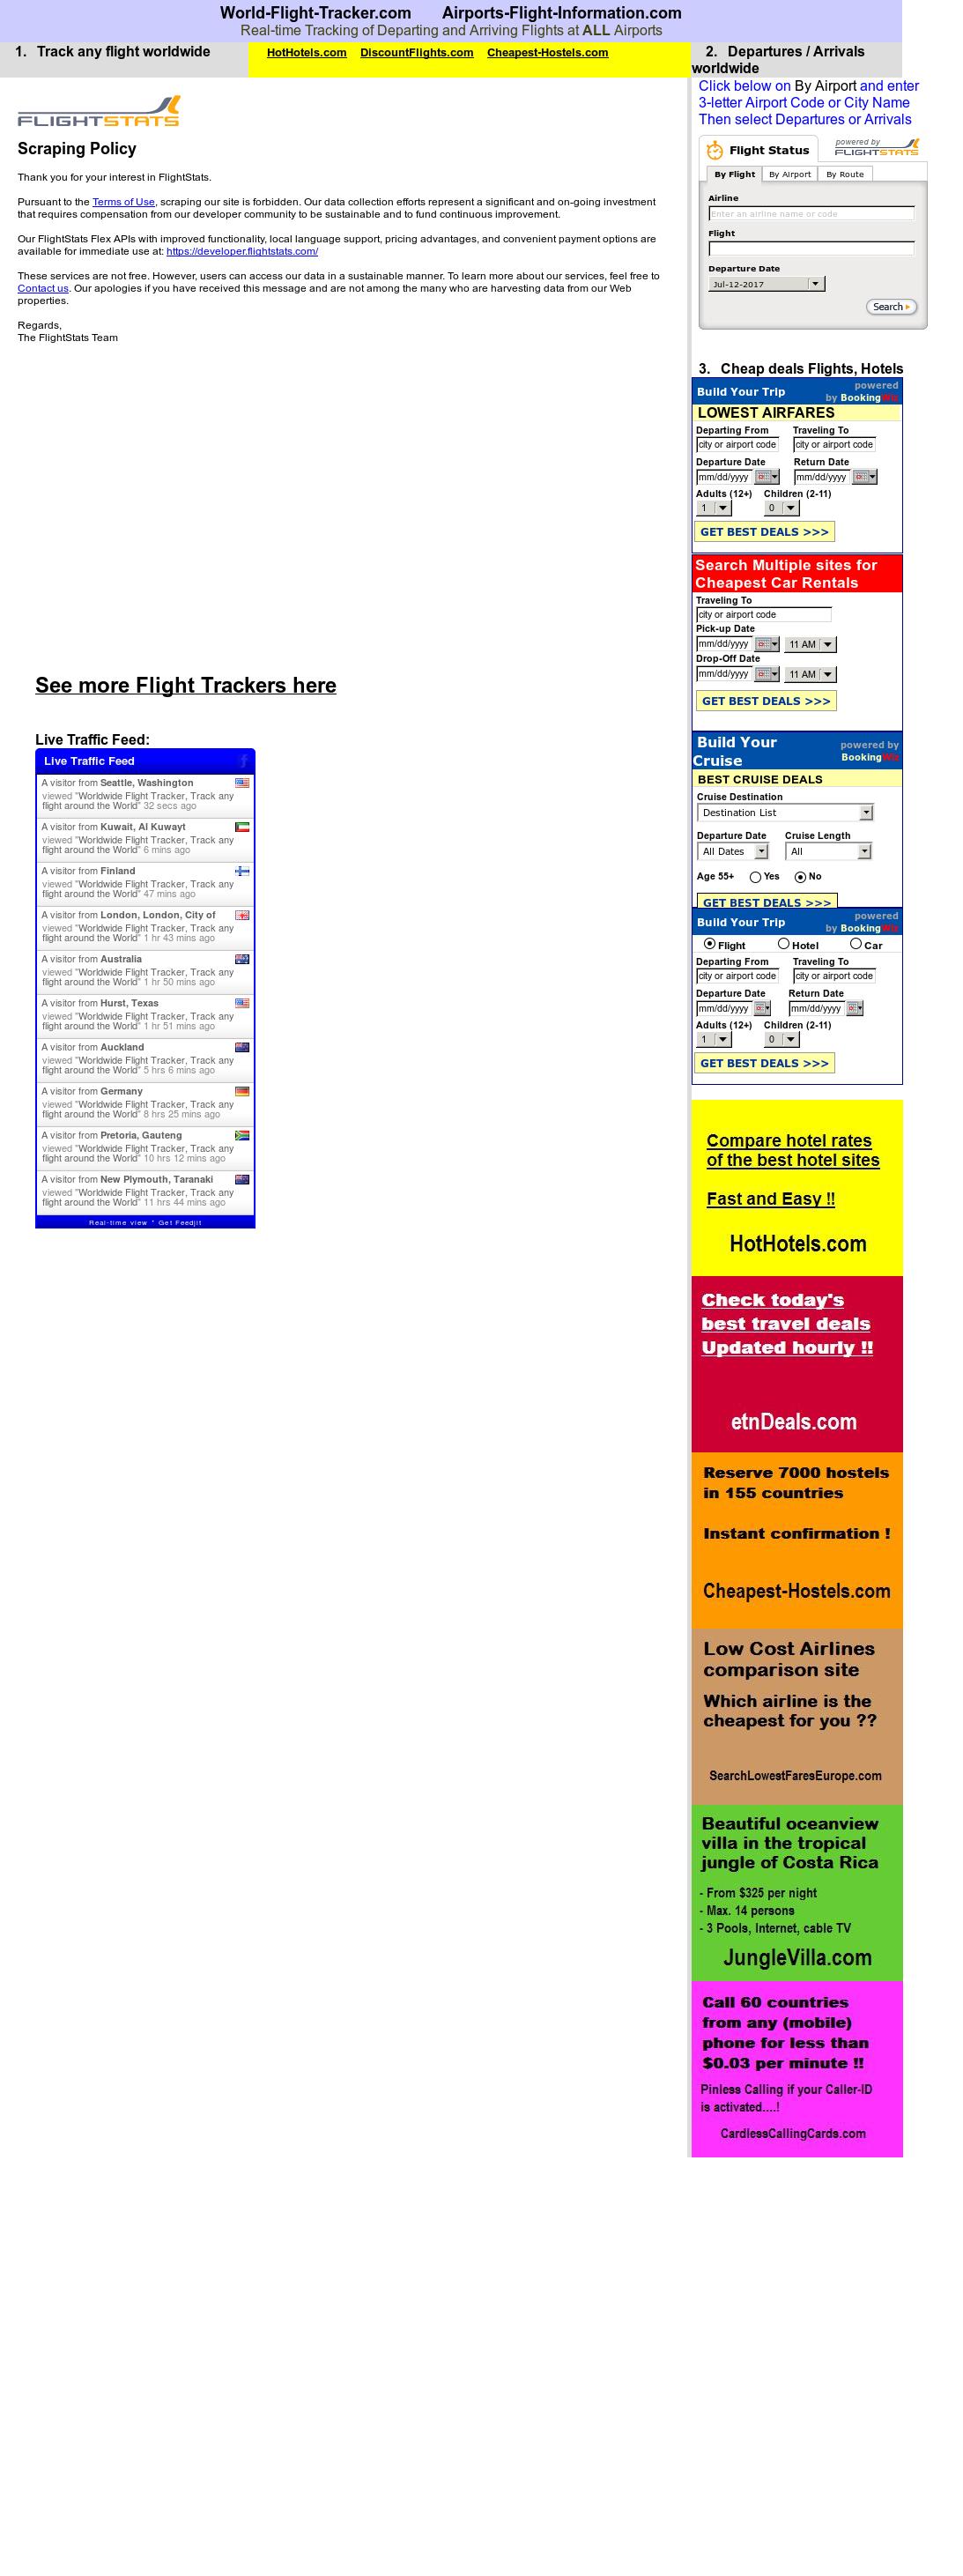 World Flight Tracker website history